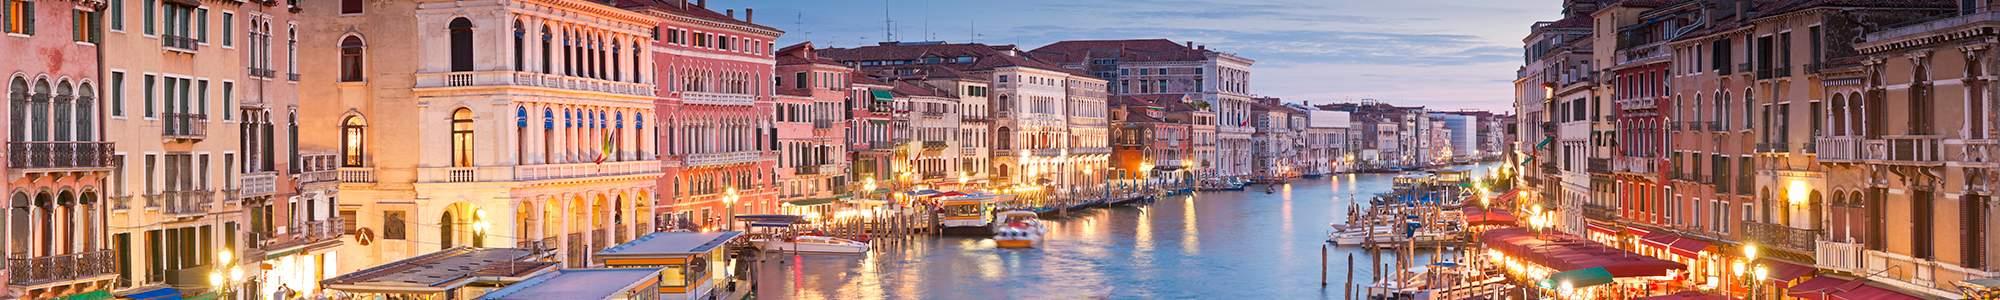 Resultado de imagen para europa turismo